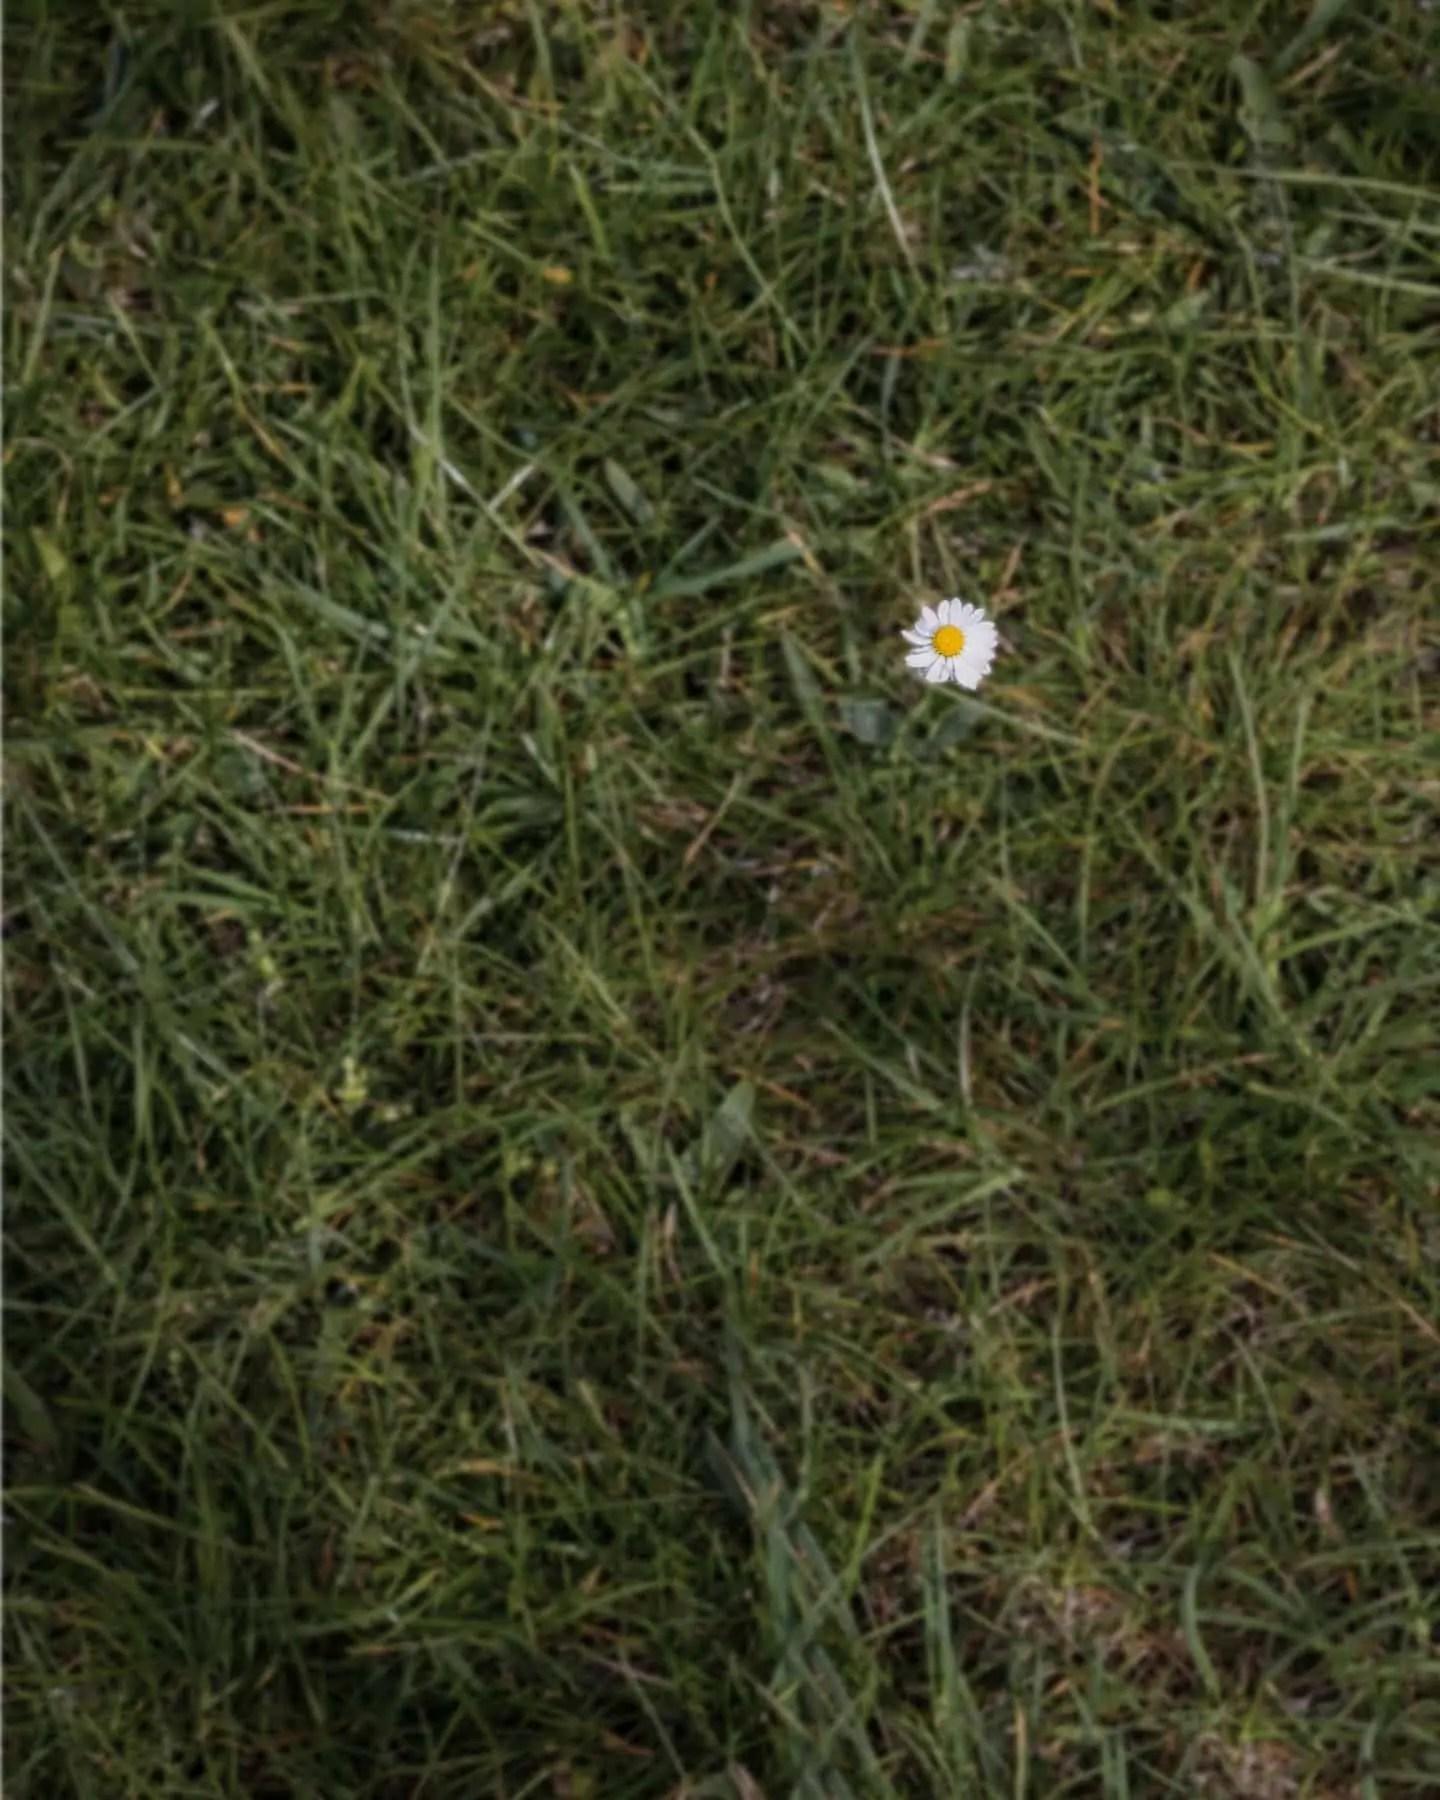 Stokrotka na polanie - Minimalizm w fotografii - wyzwanie fotograficzne